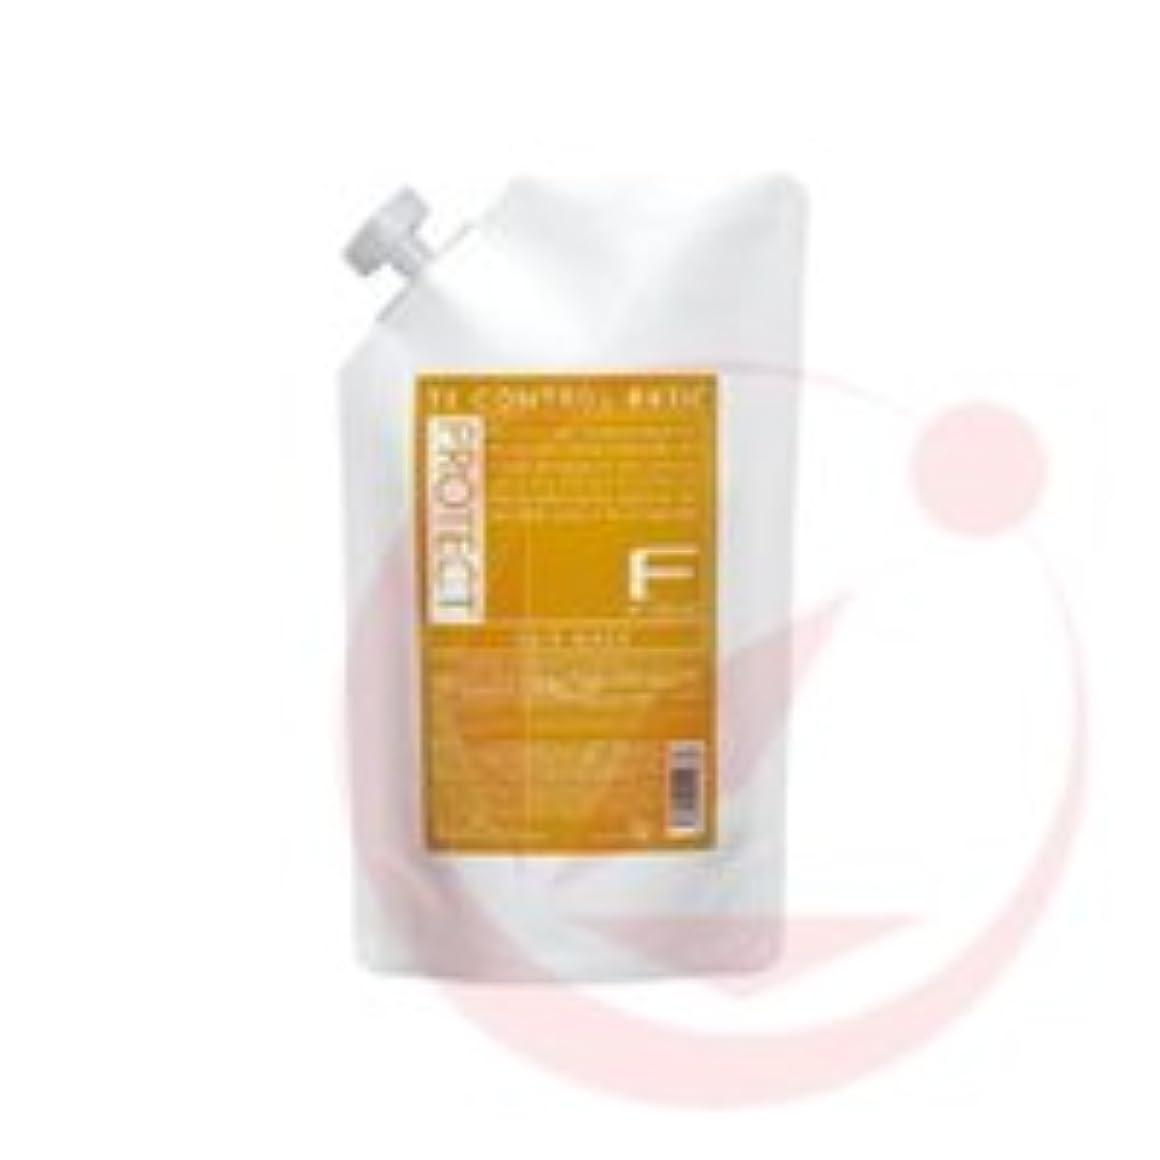 ホース冷凍庫必要としているフィヨーレ Fプロテクト MBヘアマスクベーシック 1000g(業務?詰替用)